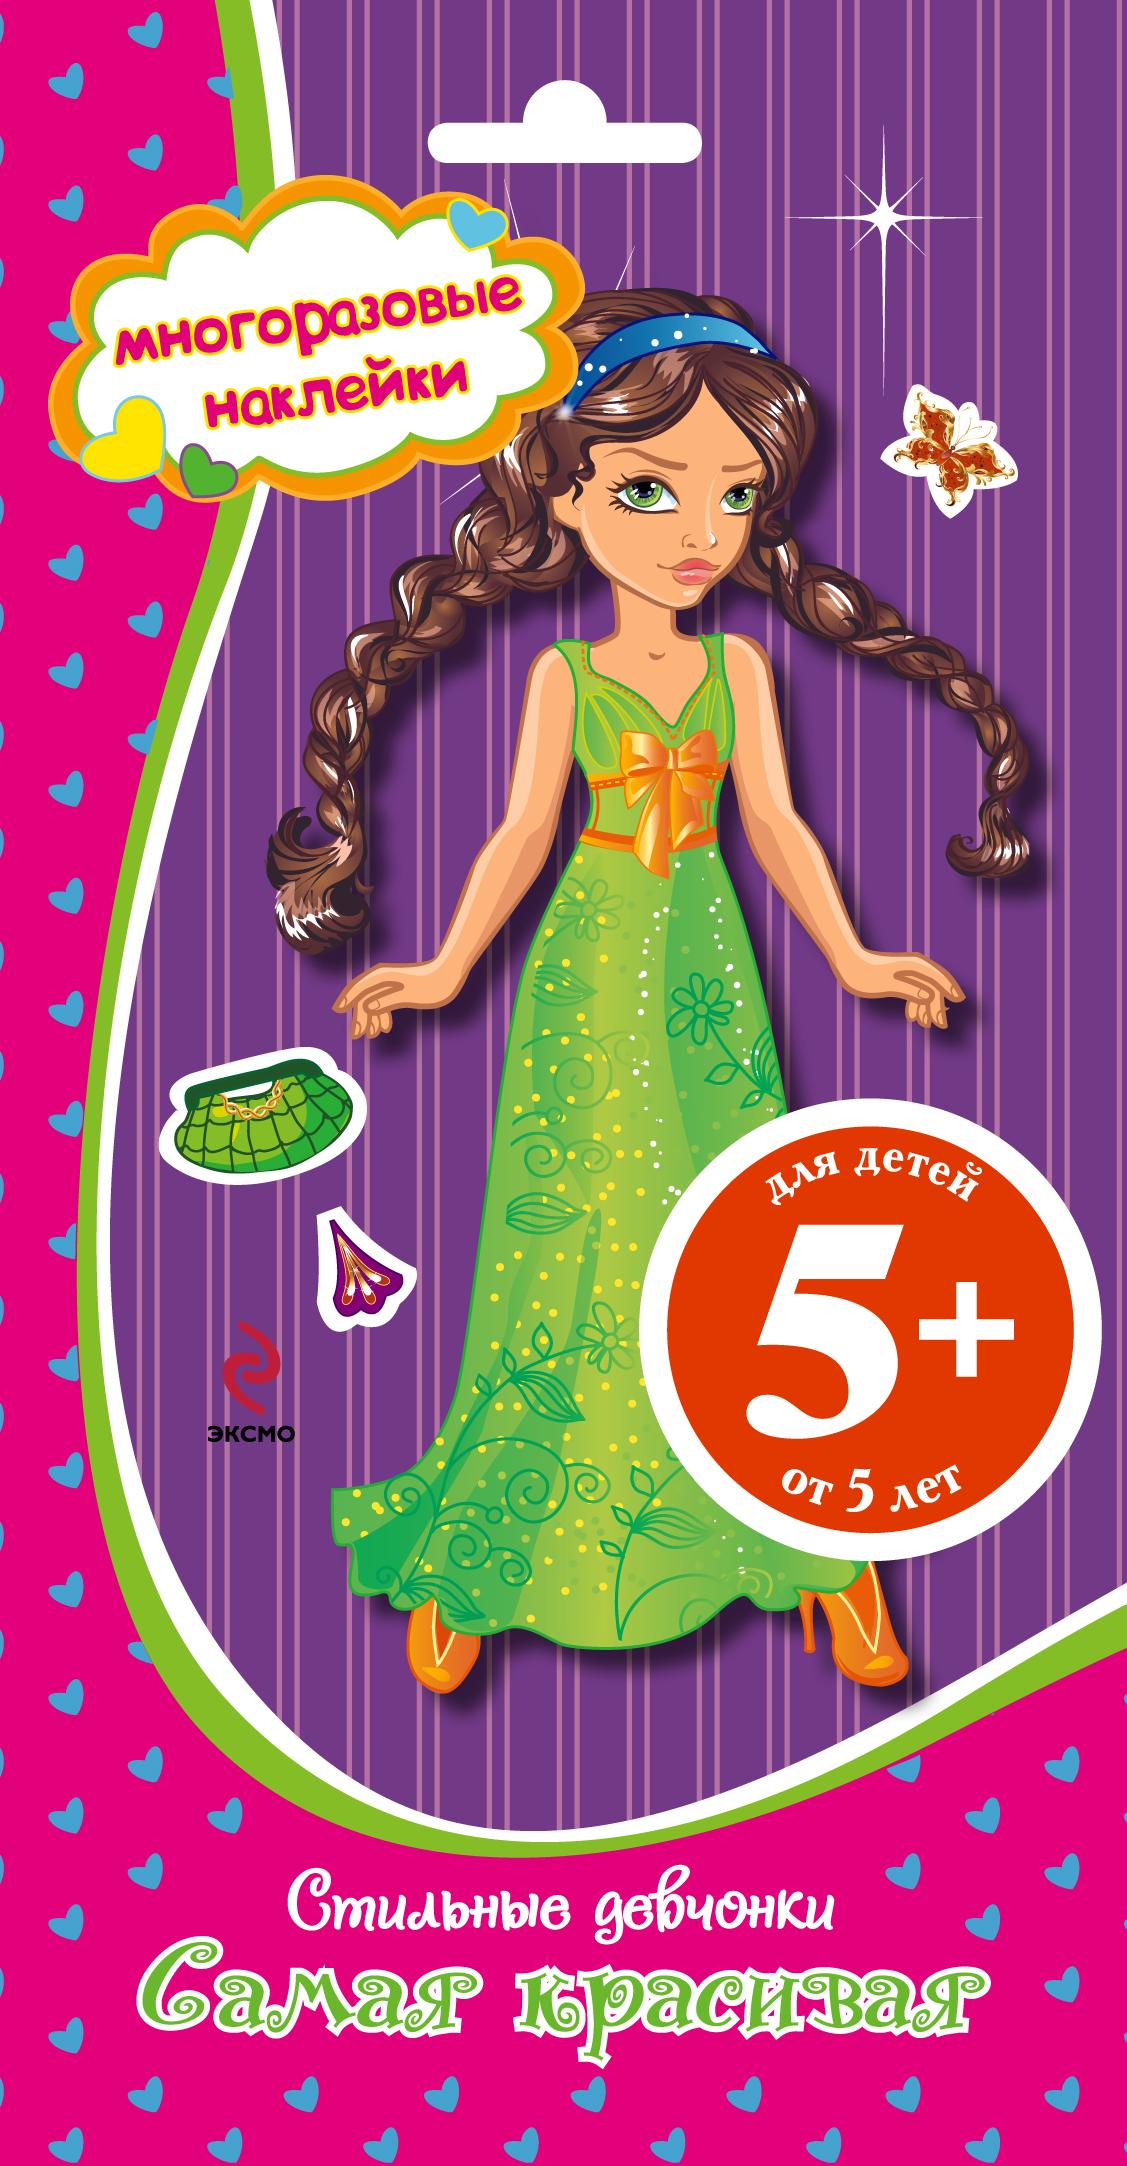 5+ Стильные девчонки. Самая красивая